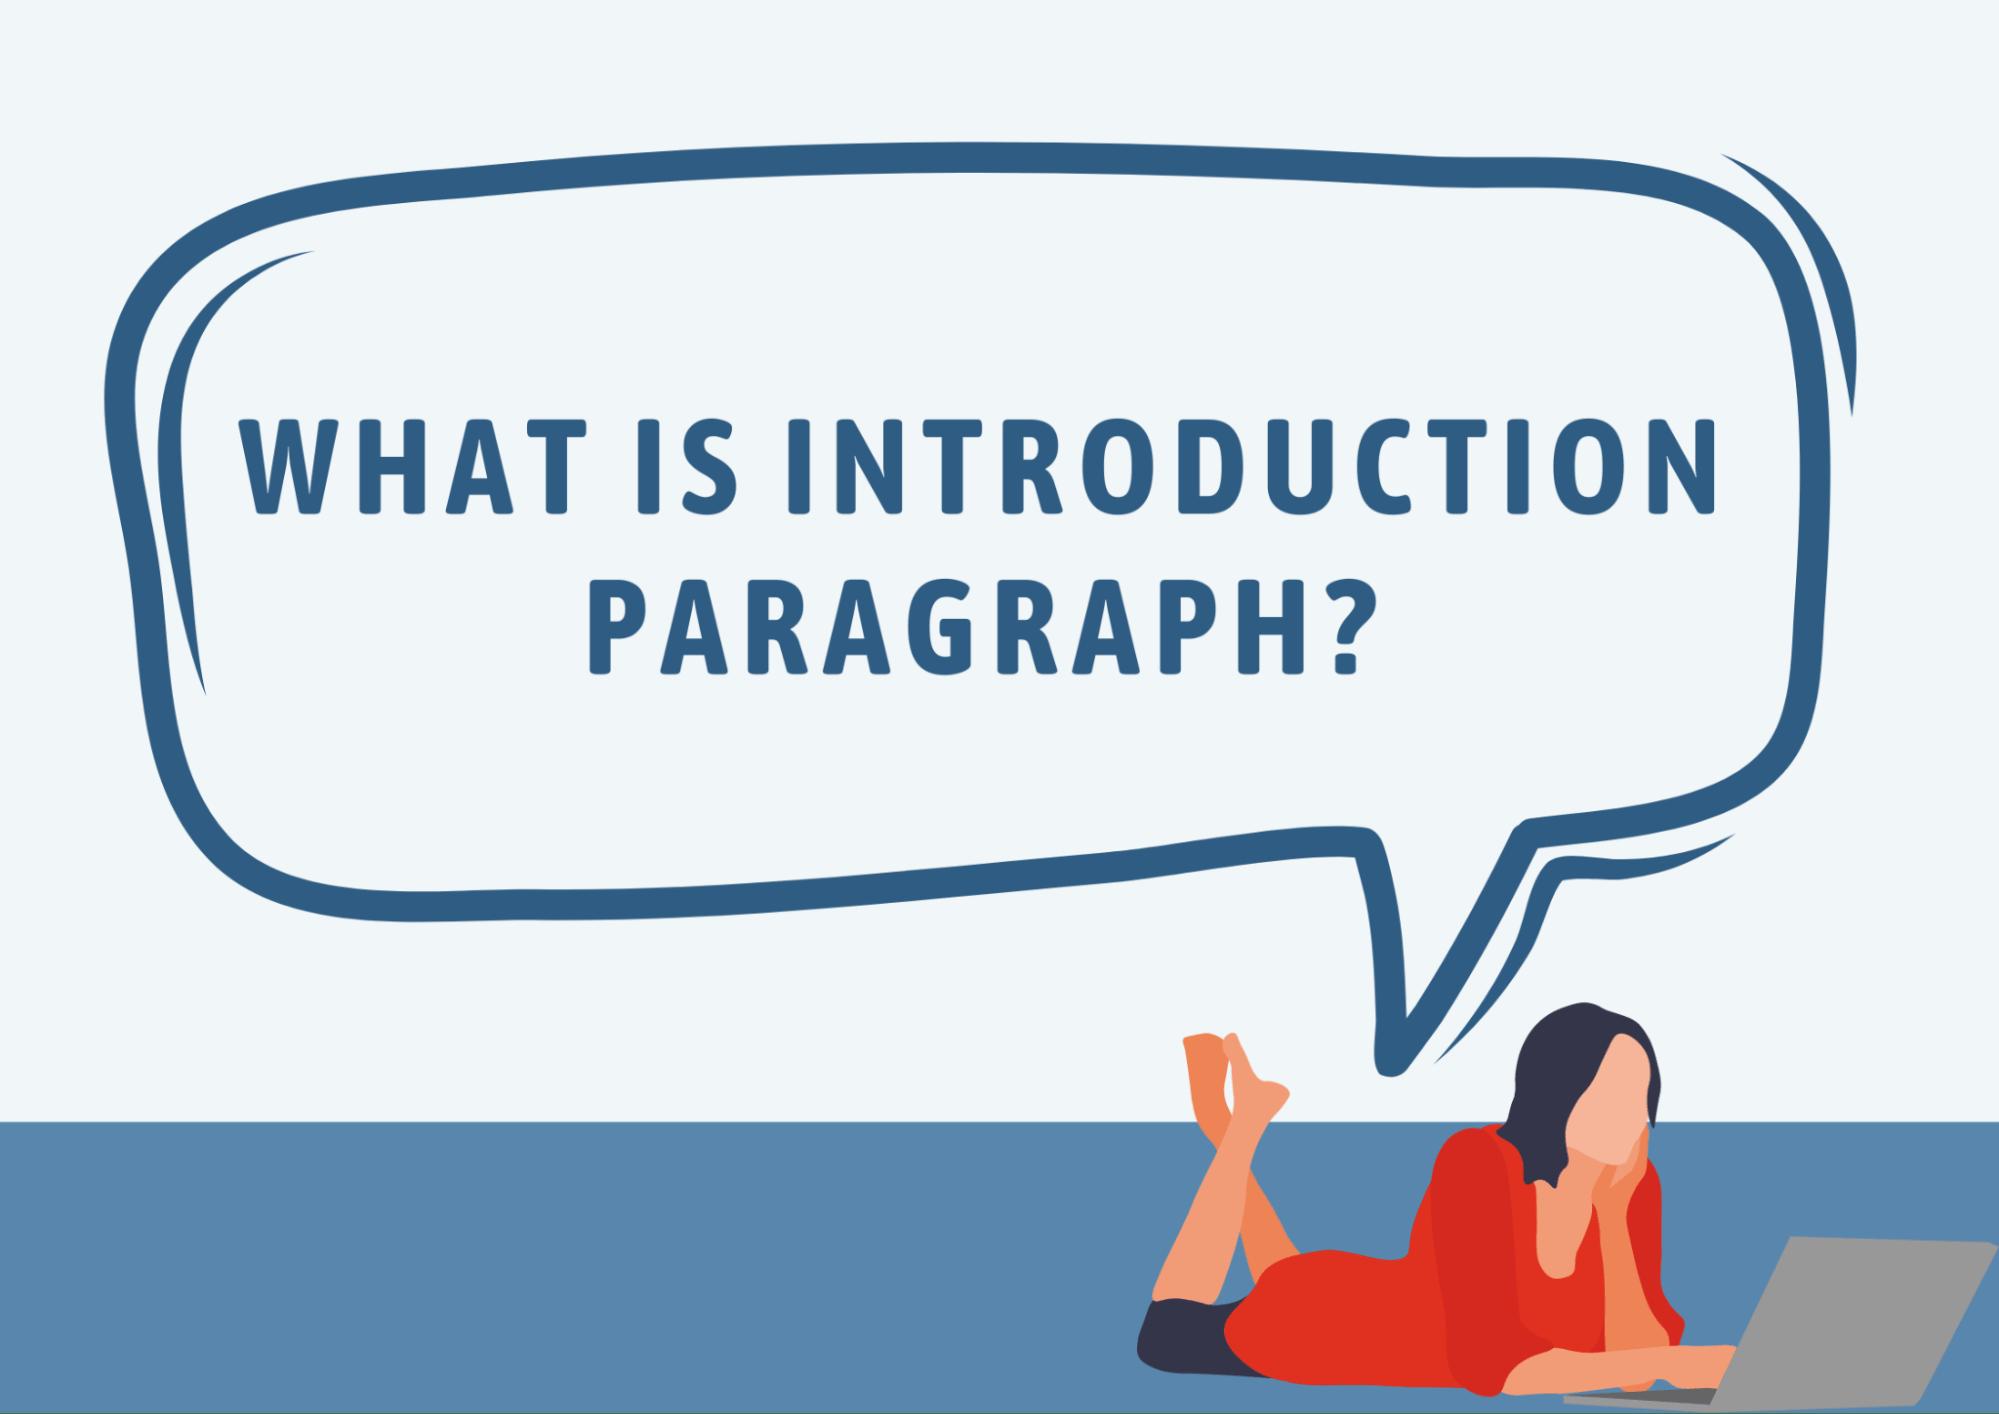 Introduction Paragraph là gì?